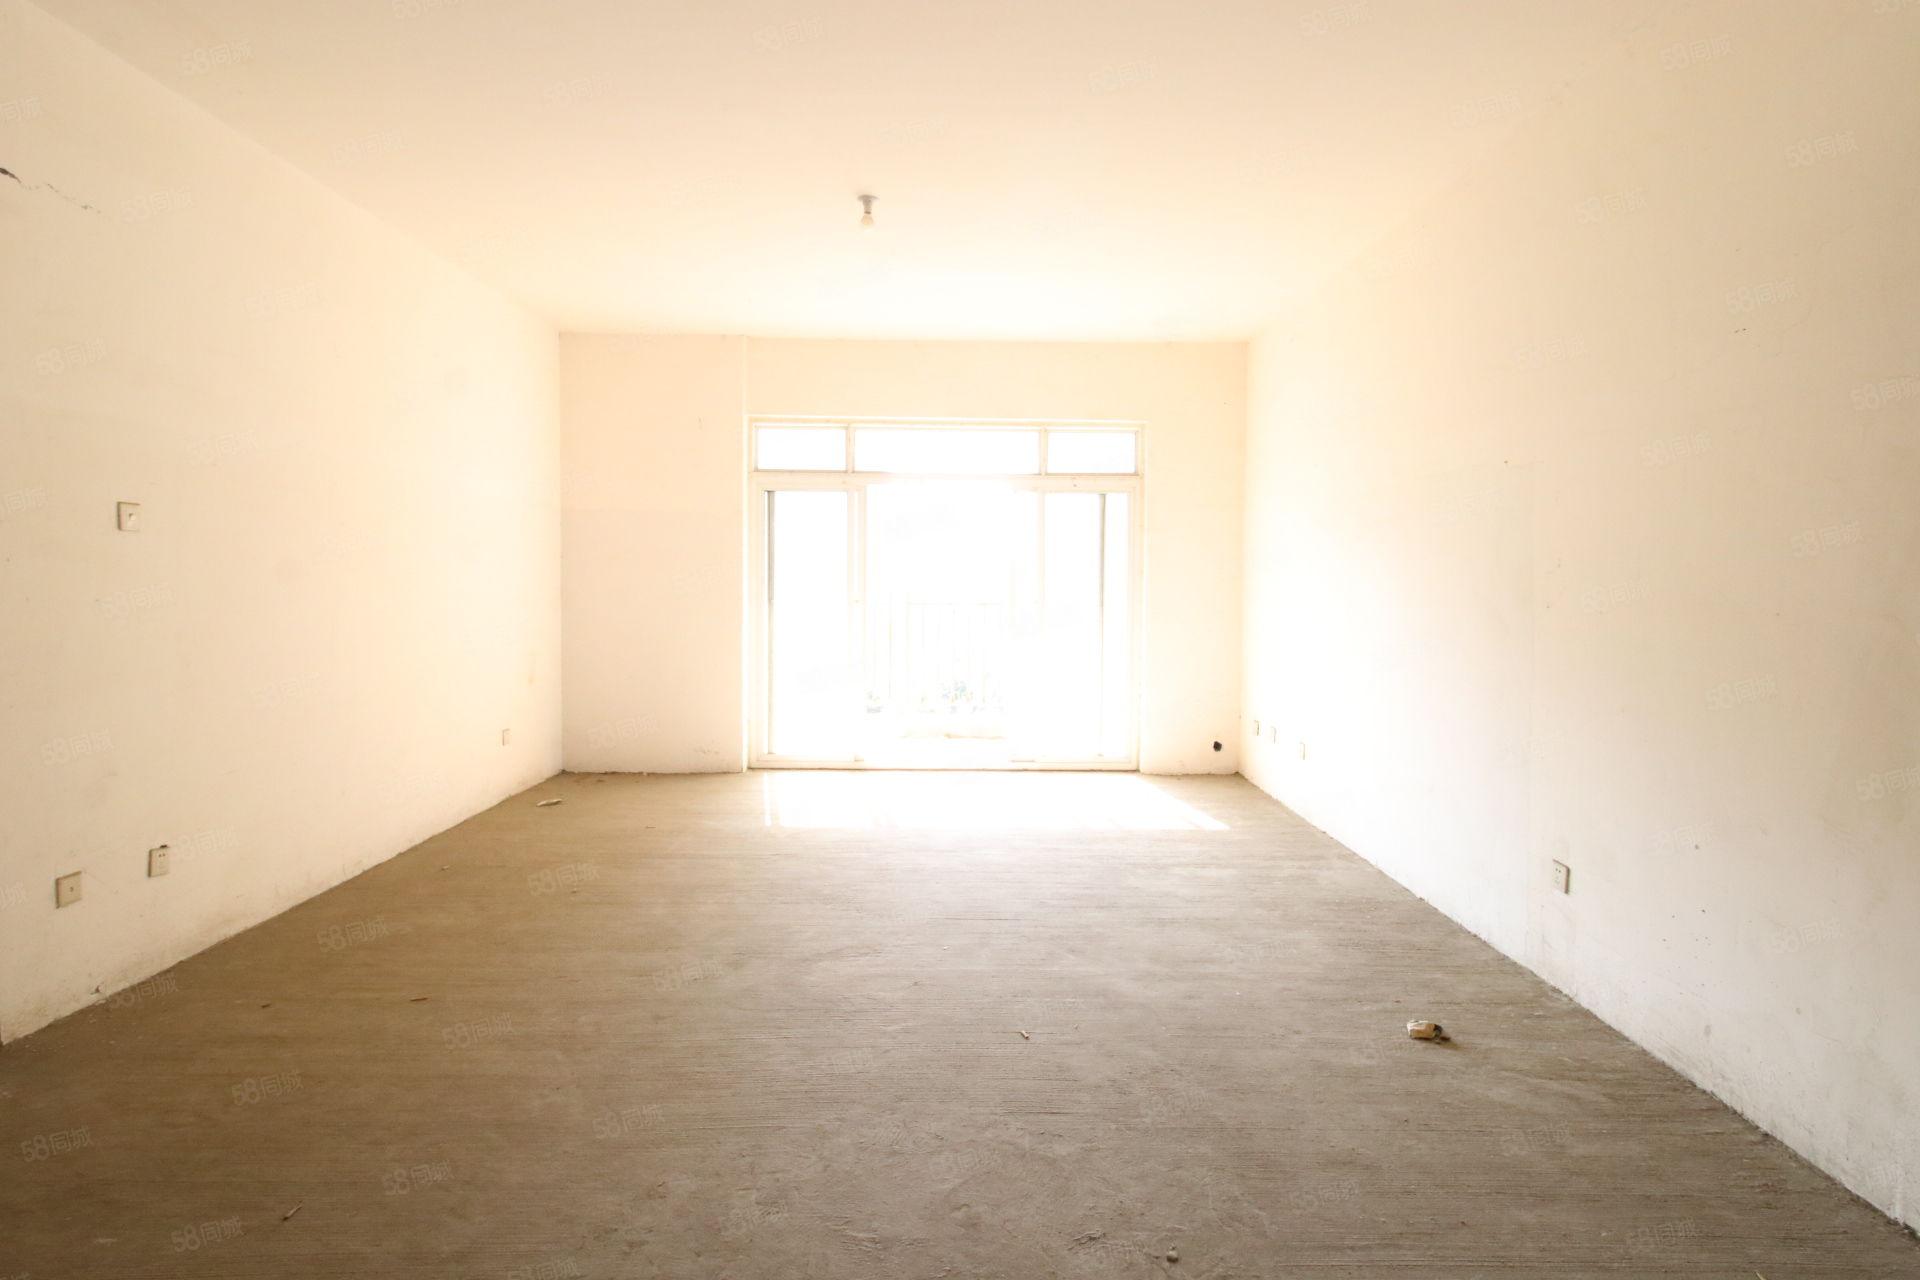 现房犀浦双地铁口4居室超大空间赠送售价仅115万!